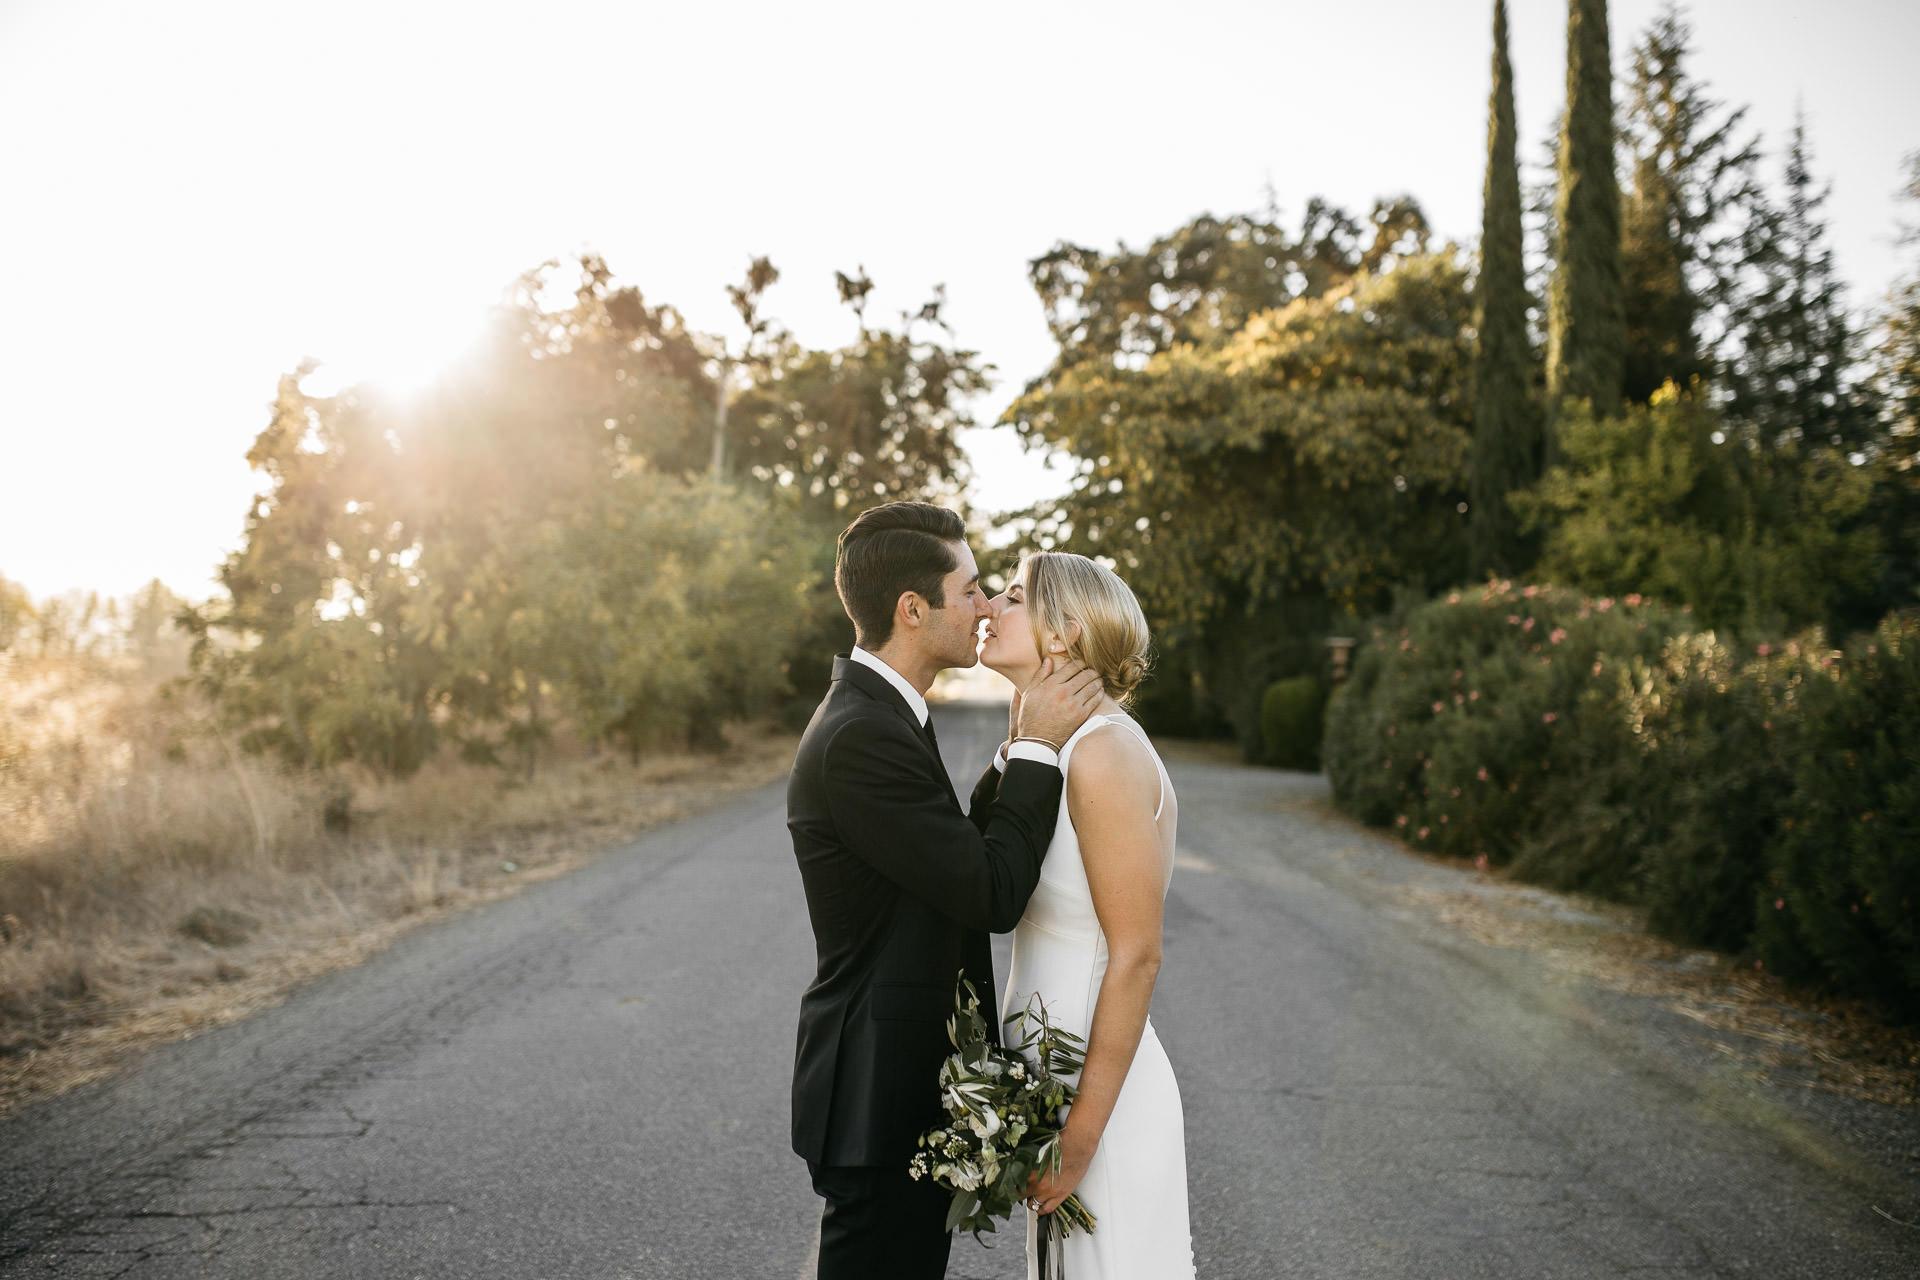 lauren_graham_wedding_california_park_winters_jeanlaurentgaudy_063